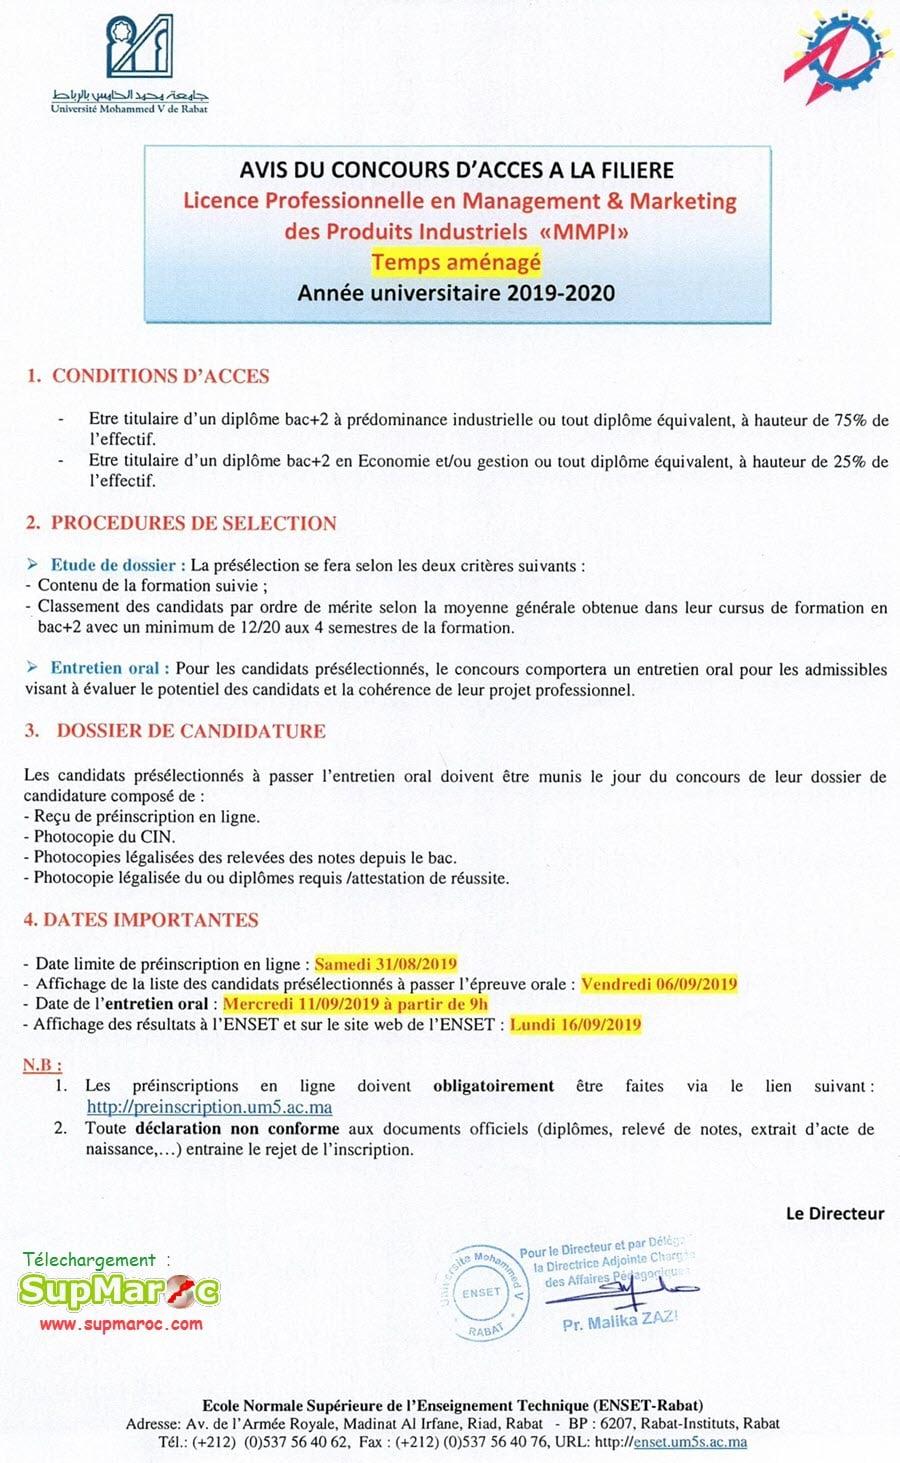 ENSET Rabat Licence Professionnelle MMPI Temps aménagé 2019-2020